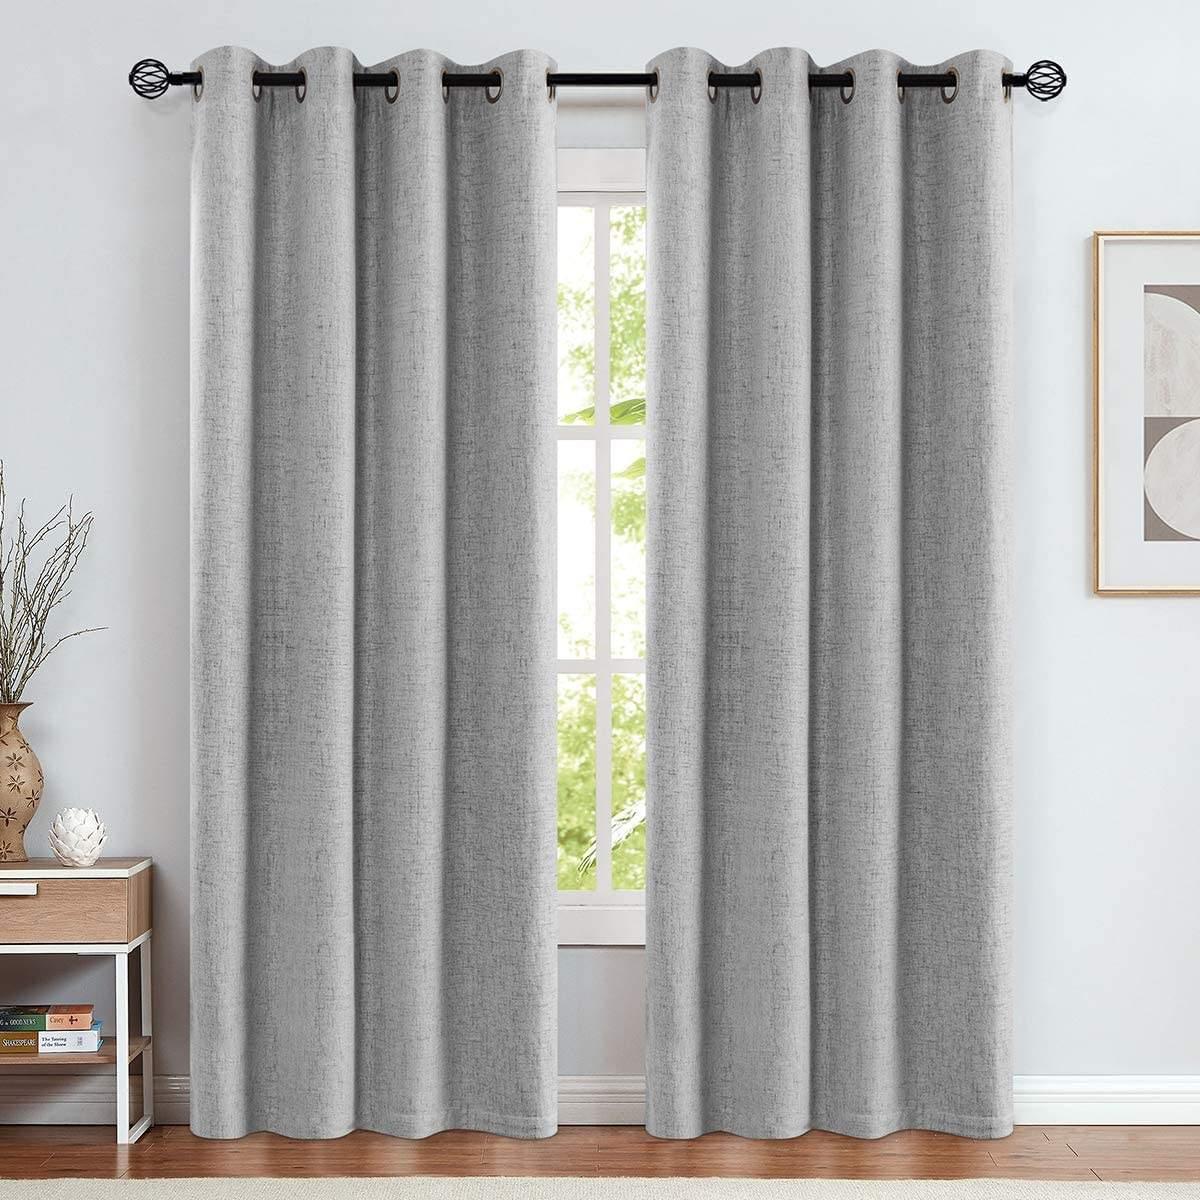 De Lujo conjunto de cortina insonorizadas dormitorio cortina tela apagón clásico tratamiento de ventana <span class=keywords><strong>China</strong></span> cortina fabricante